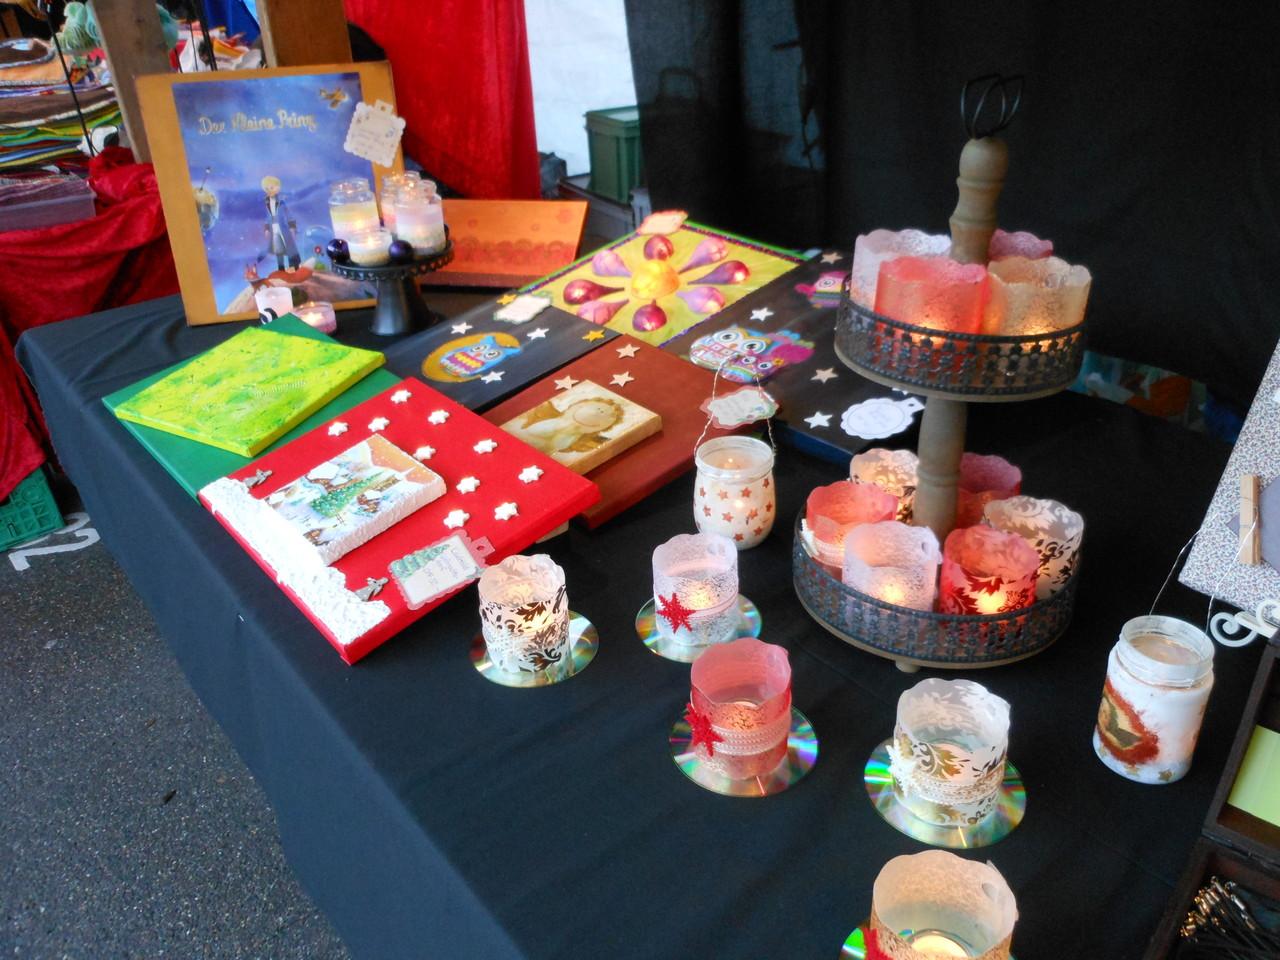 Speziell für diesen Markt gibt es besonders weihnachtliche Sujets.